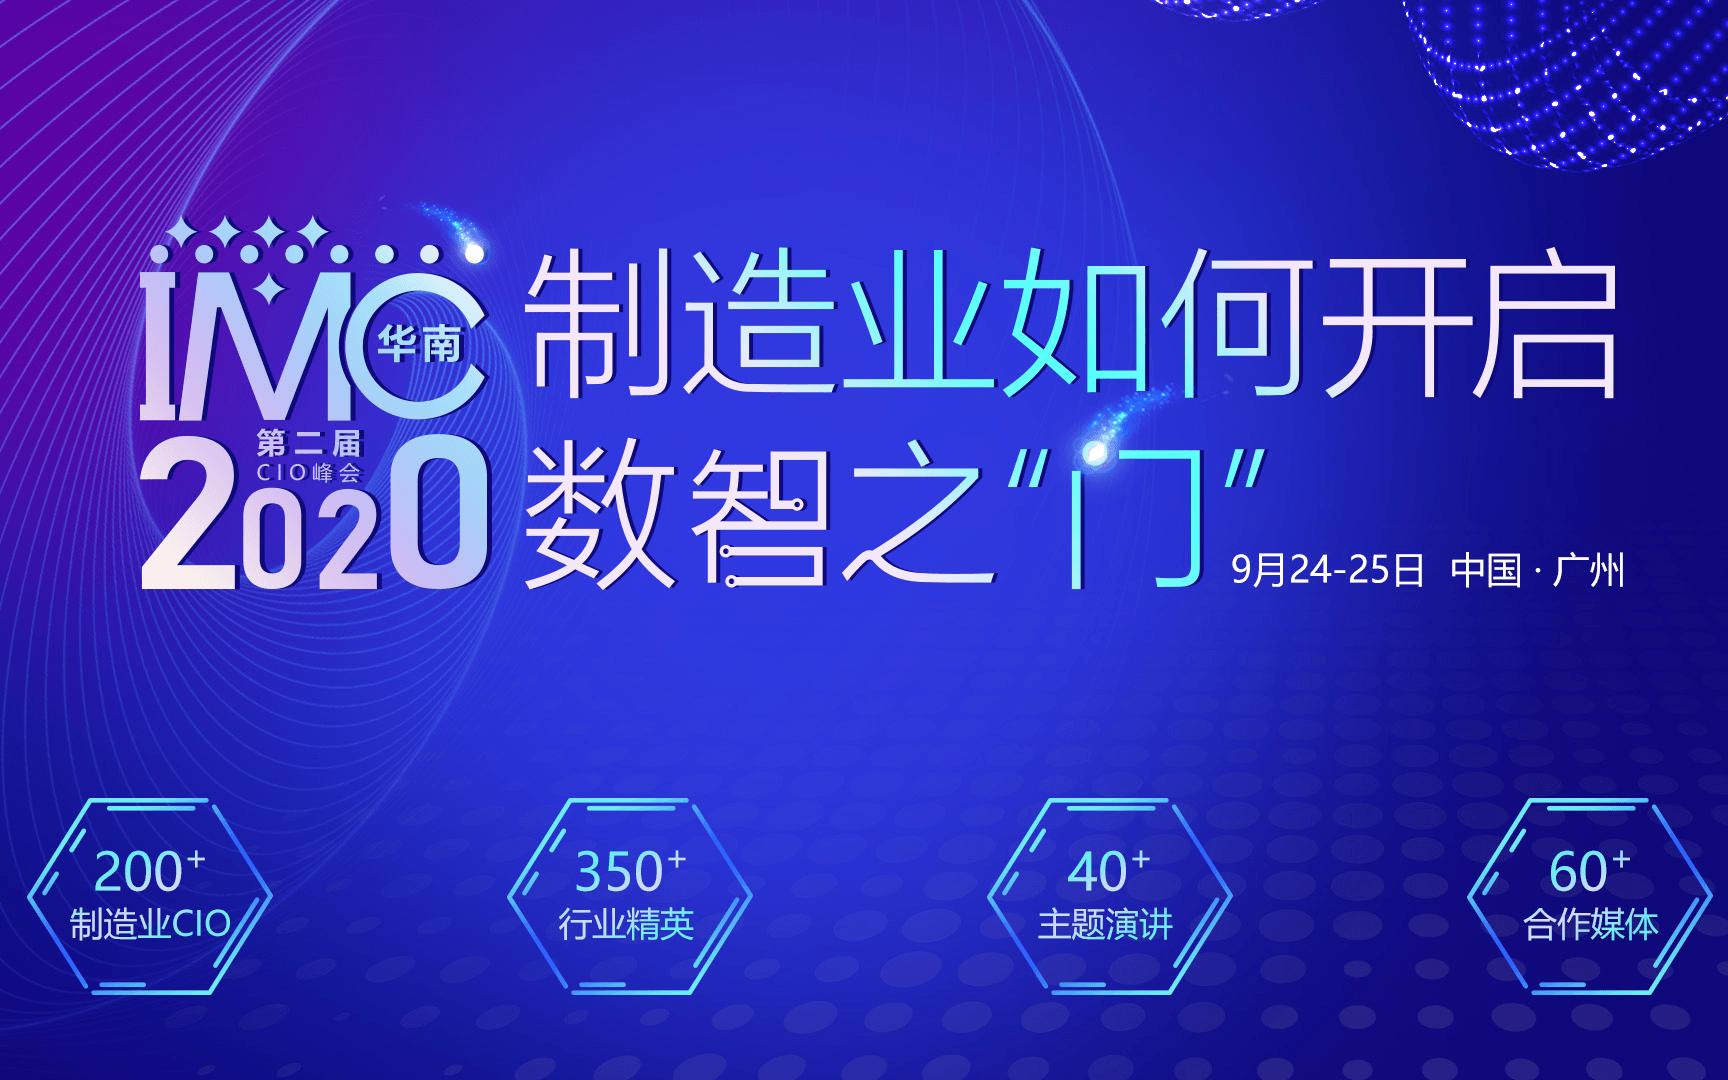 IMC 2020第二届中国制造业CIO峰会